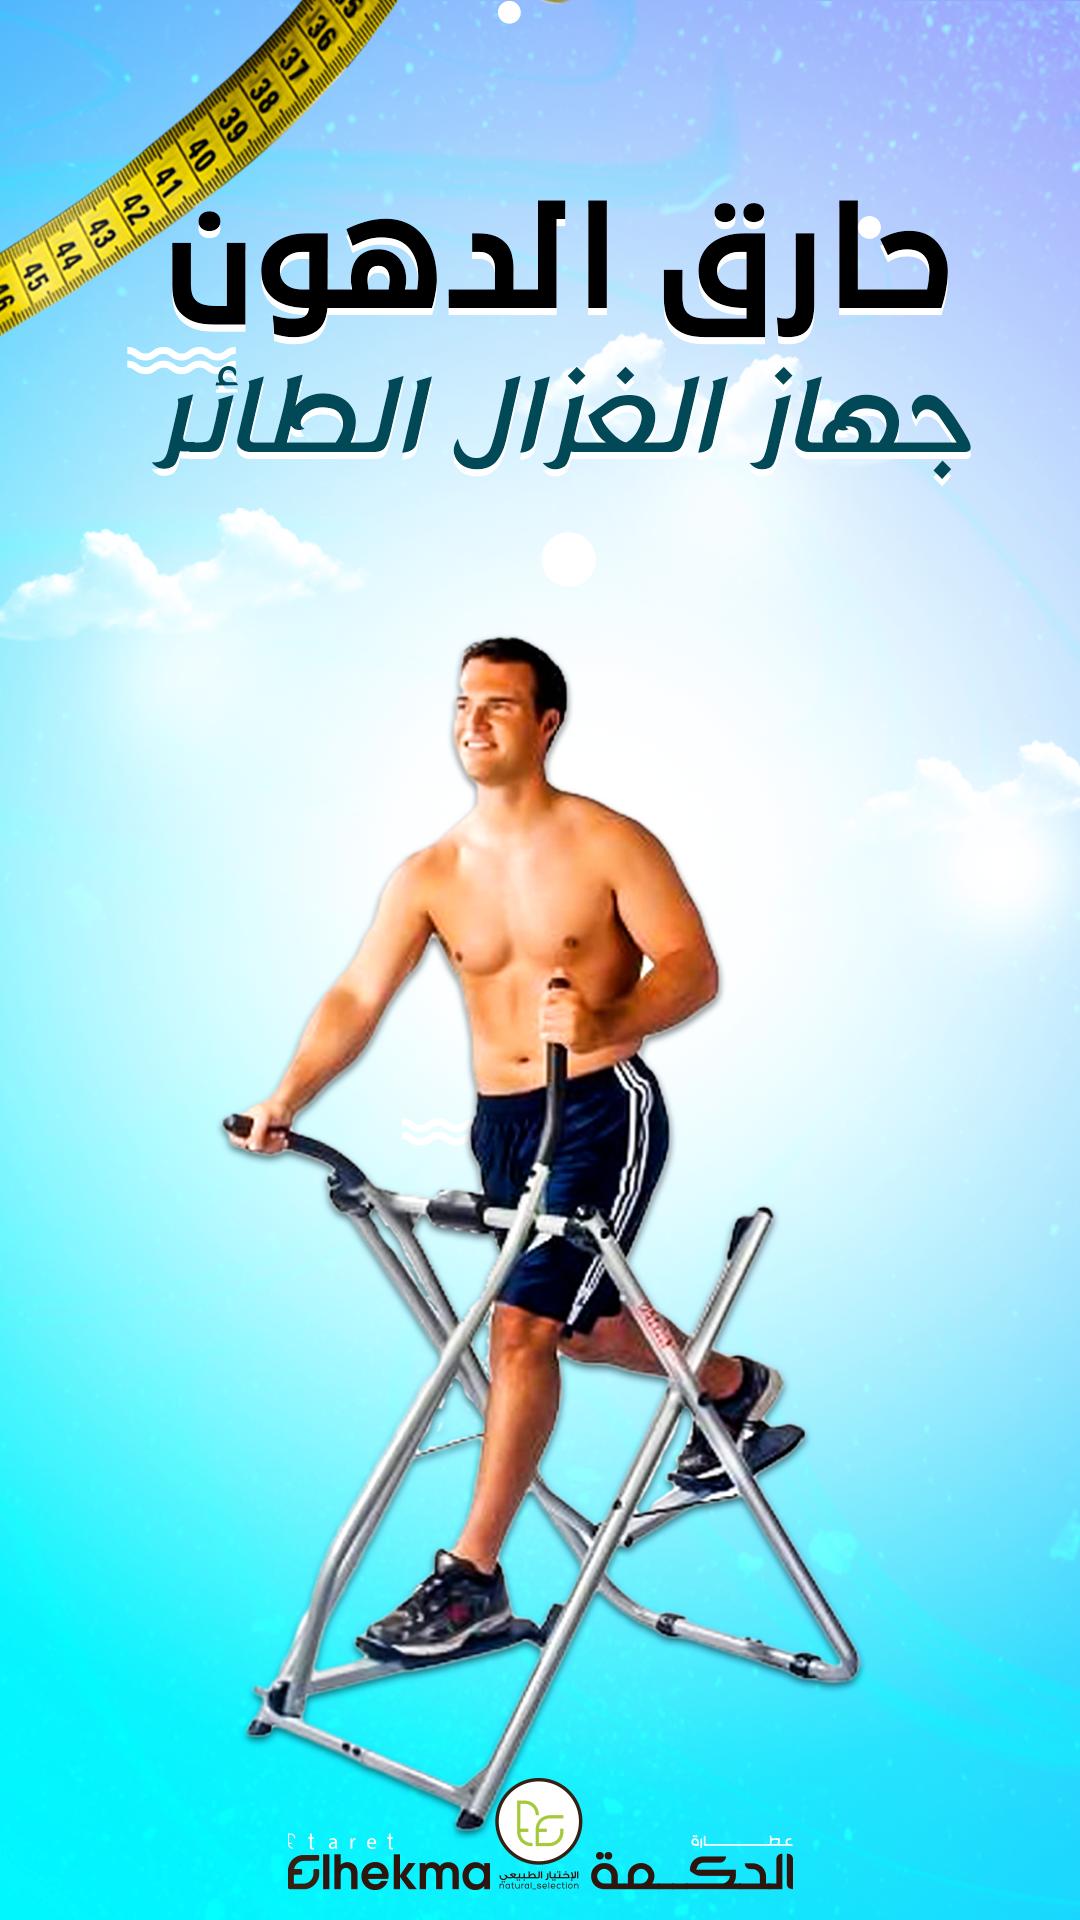 تخلص من الدهون نهائيا وتألق بجسم مثالي مع جهاز الرياضة المتكامل الغزال الطائر الذي يعمل علي زيادة معدل حرق الدهون وشد وتقوية العضل Gym Swim Trunk Swimming